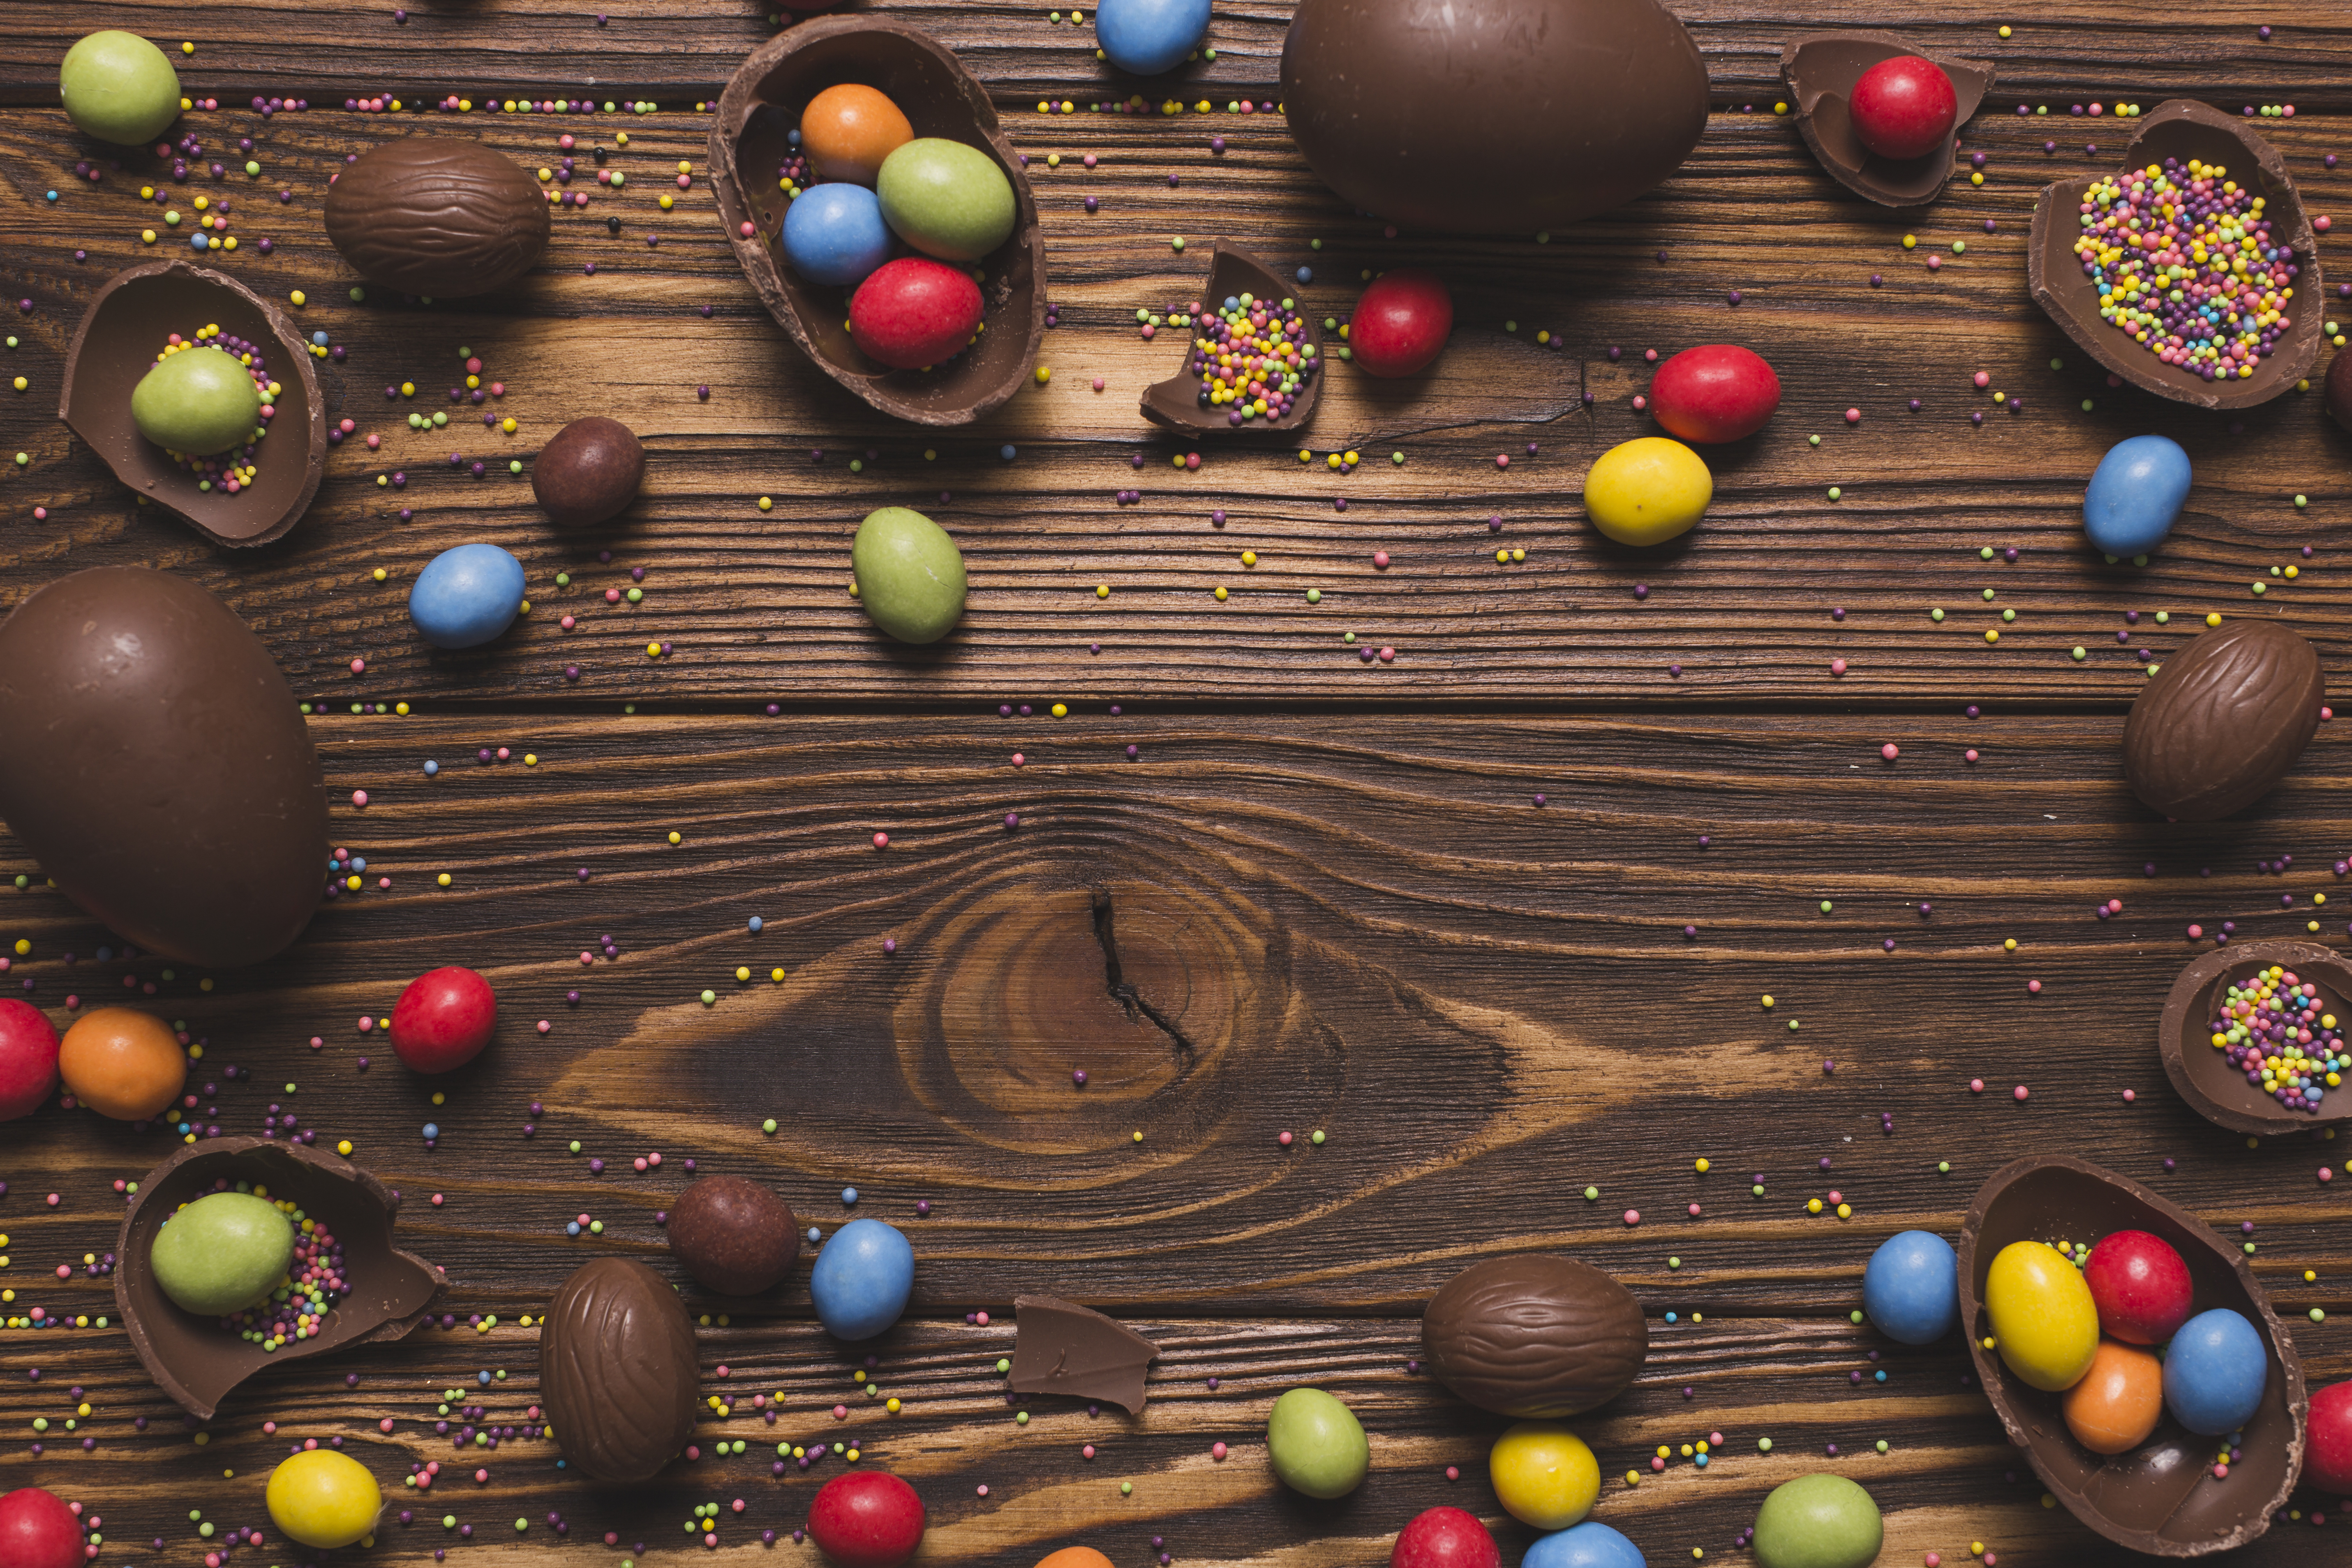 Фотографии Пасха Яйца Шоколад Конфеты Еда Сладости Доски яиц яйцо яйцами Пища Продукты питания сладкая еда